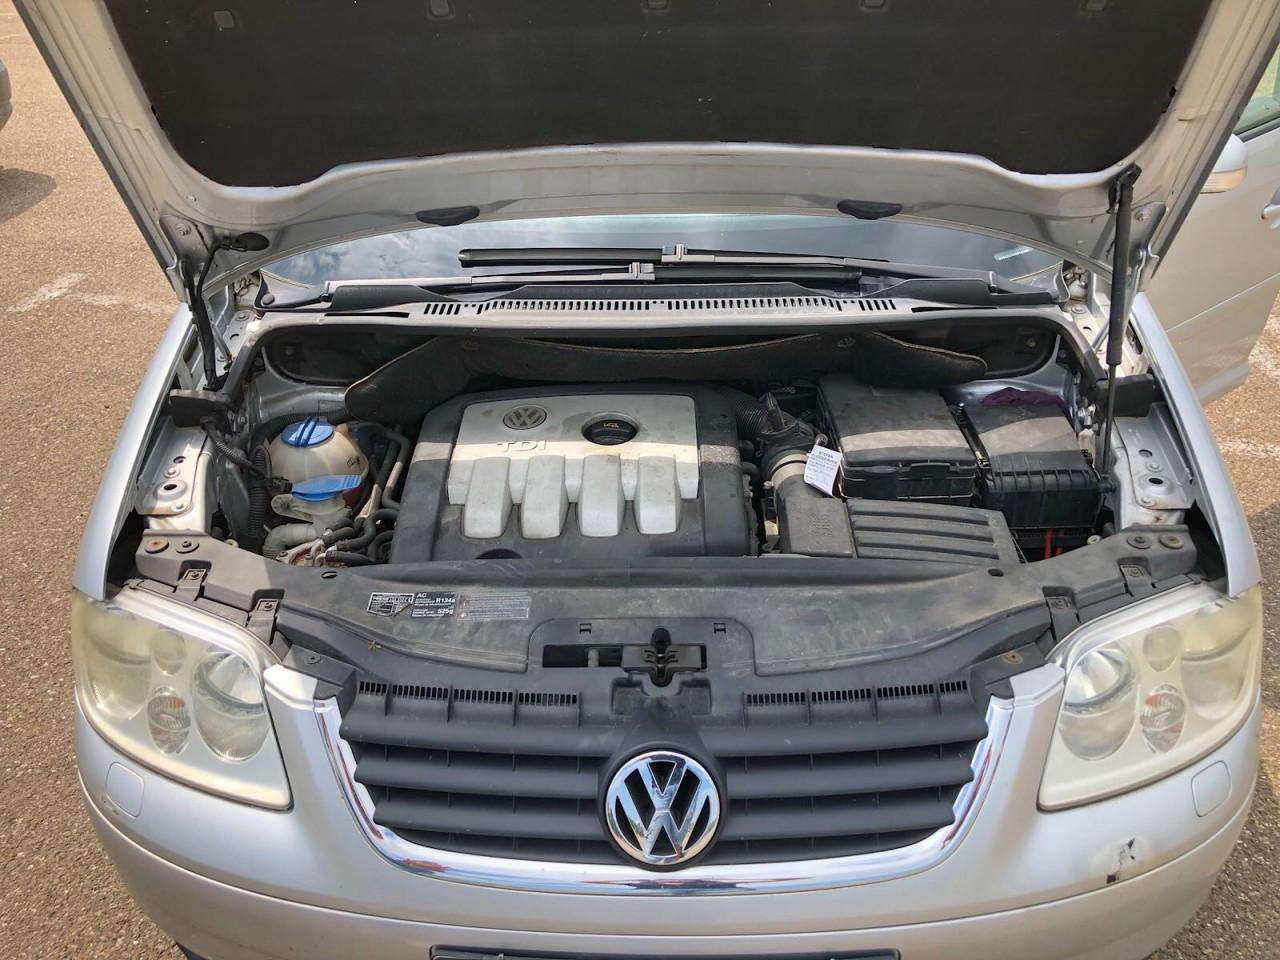 VW Touran 2.0 TDI 2004